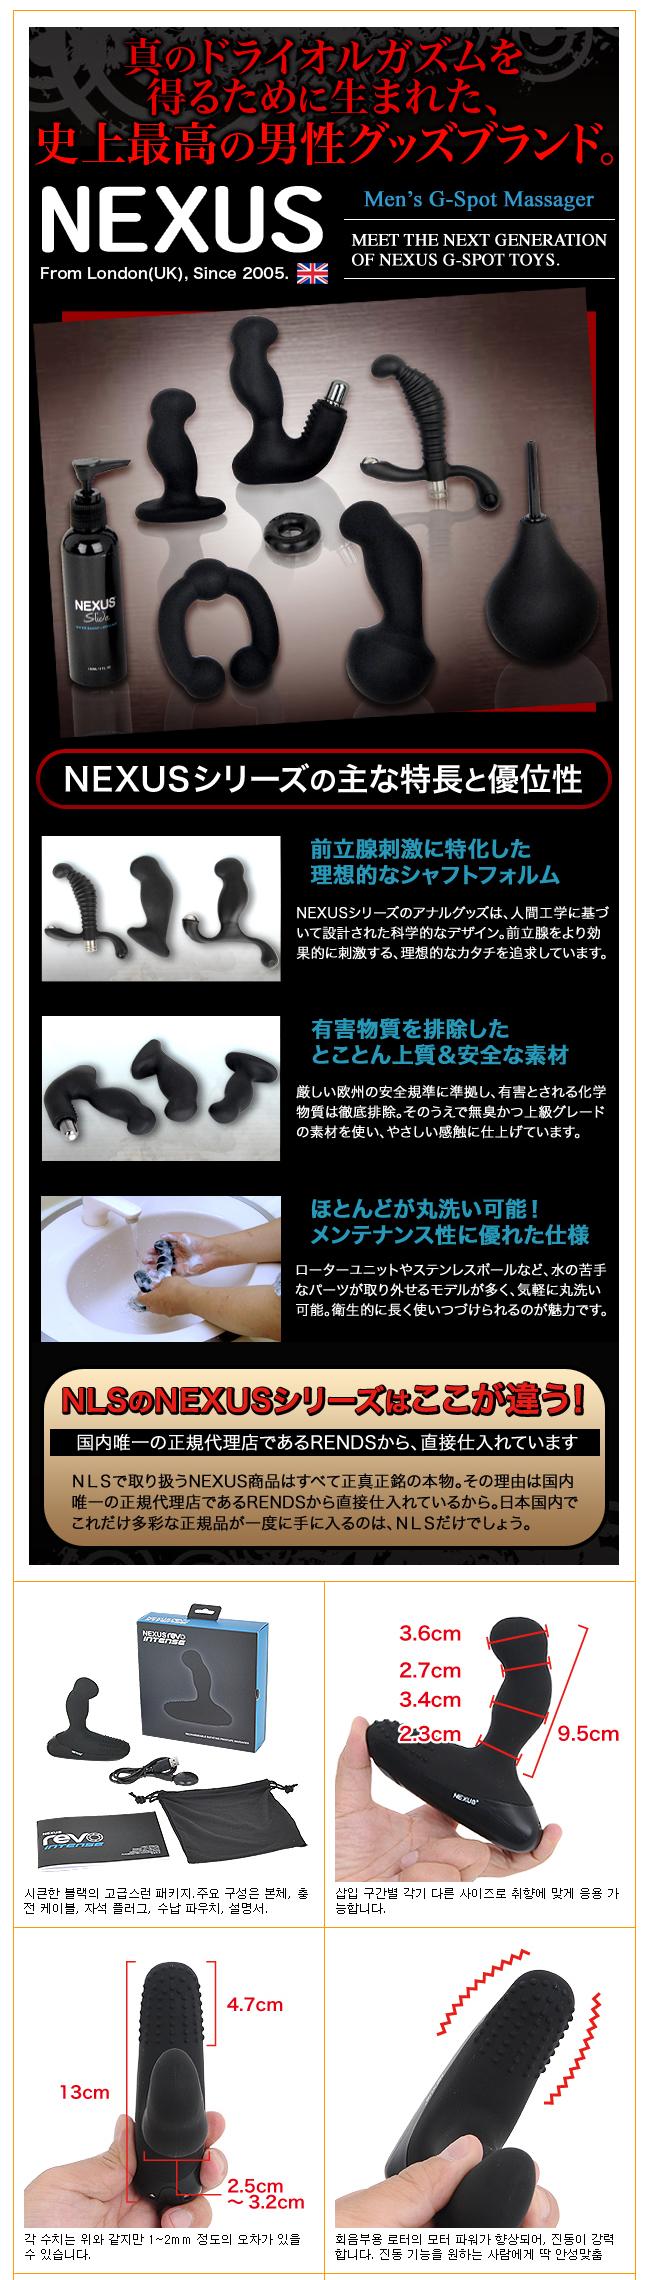 [일본 직수입] 레보 인텐스(Nexus Revo Intense) - 넥서스(5060274220752)